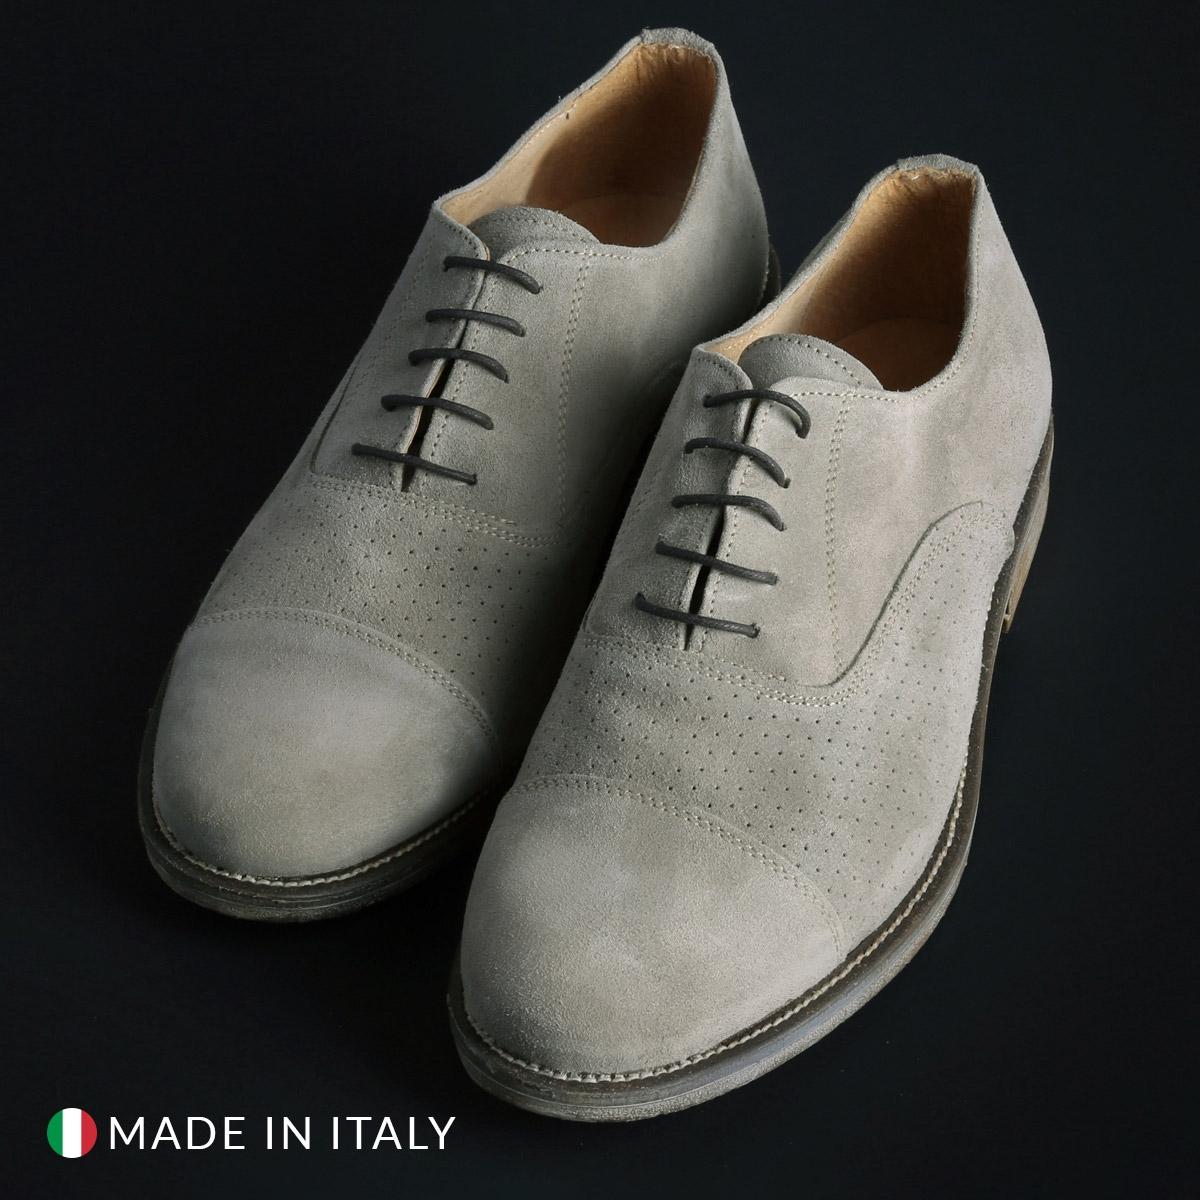 Pantofi siret Duca Di Morrone 1003_CAMOSCIOBUCATO Maro